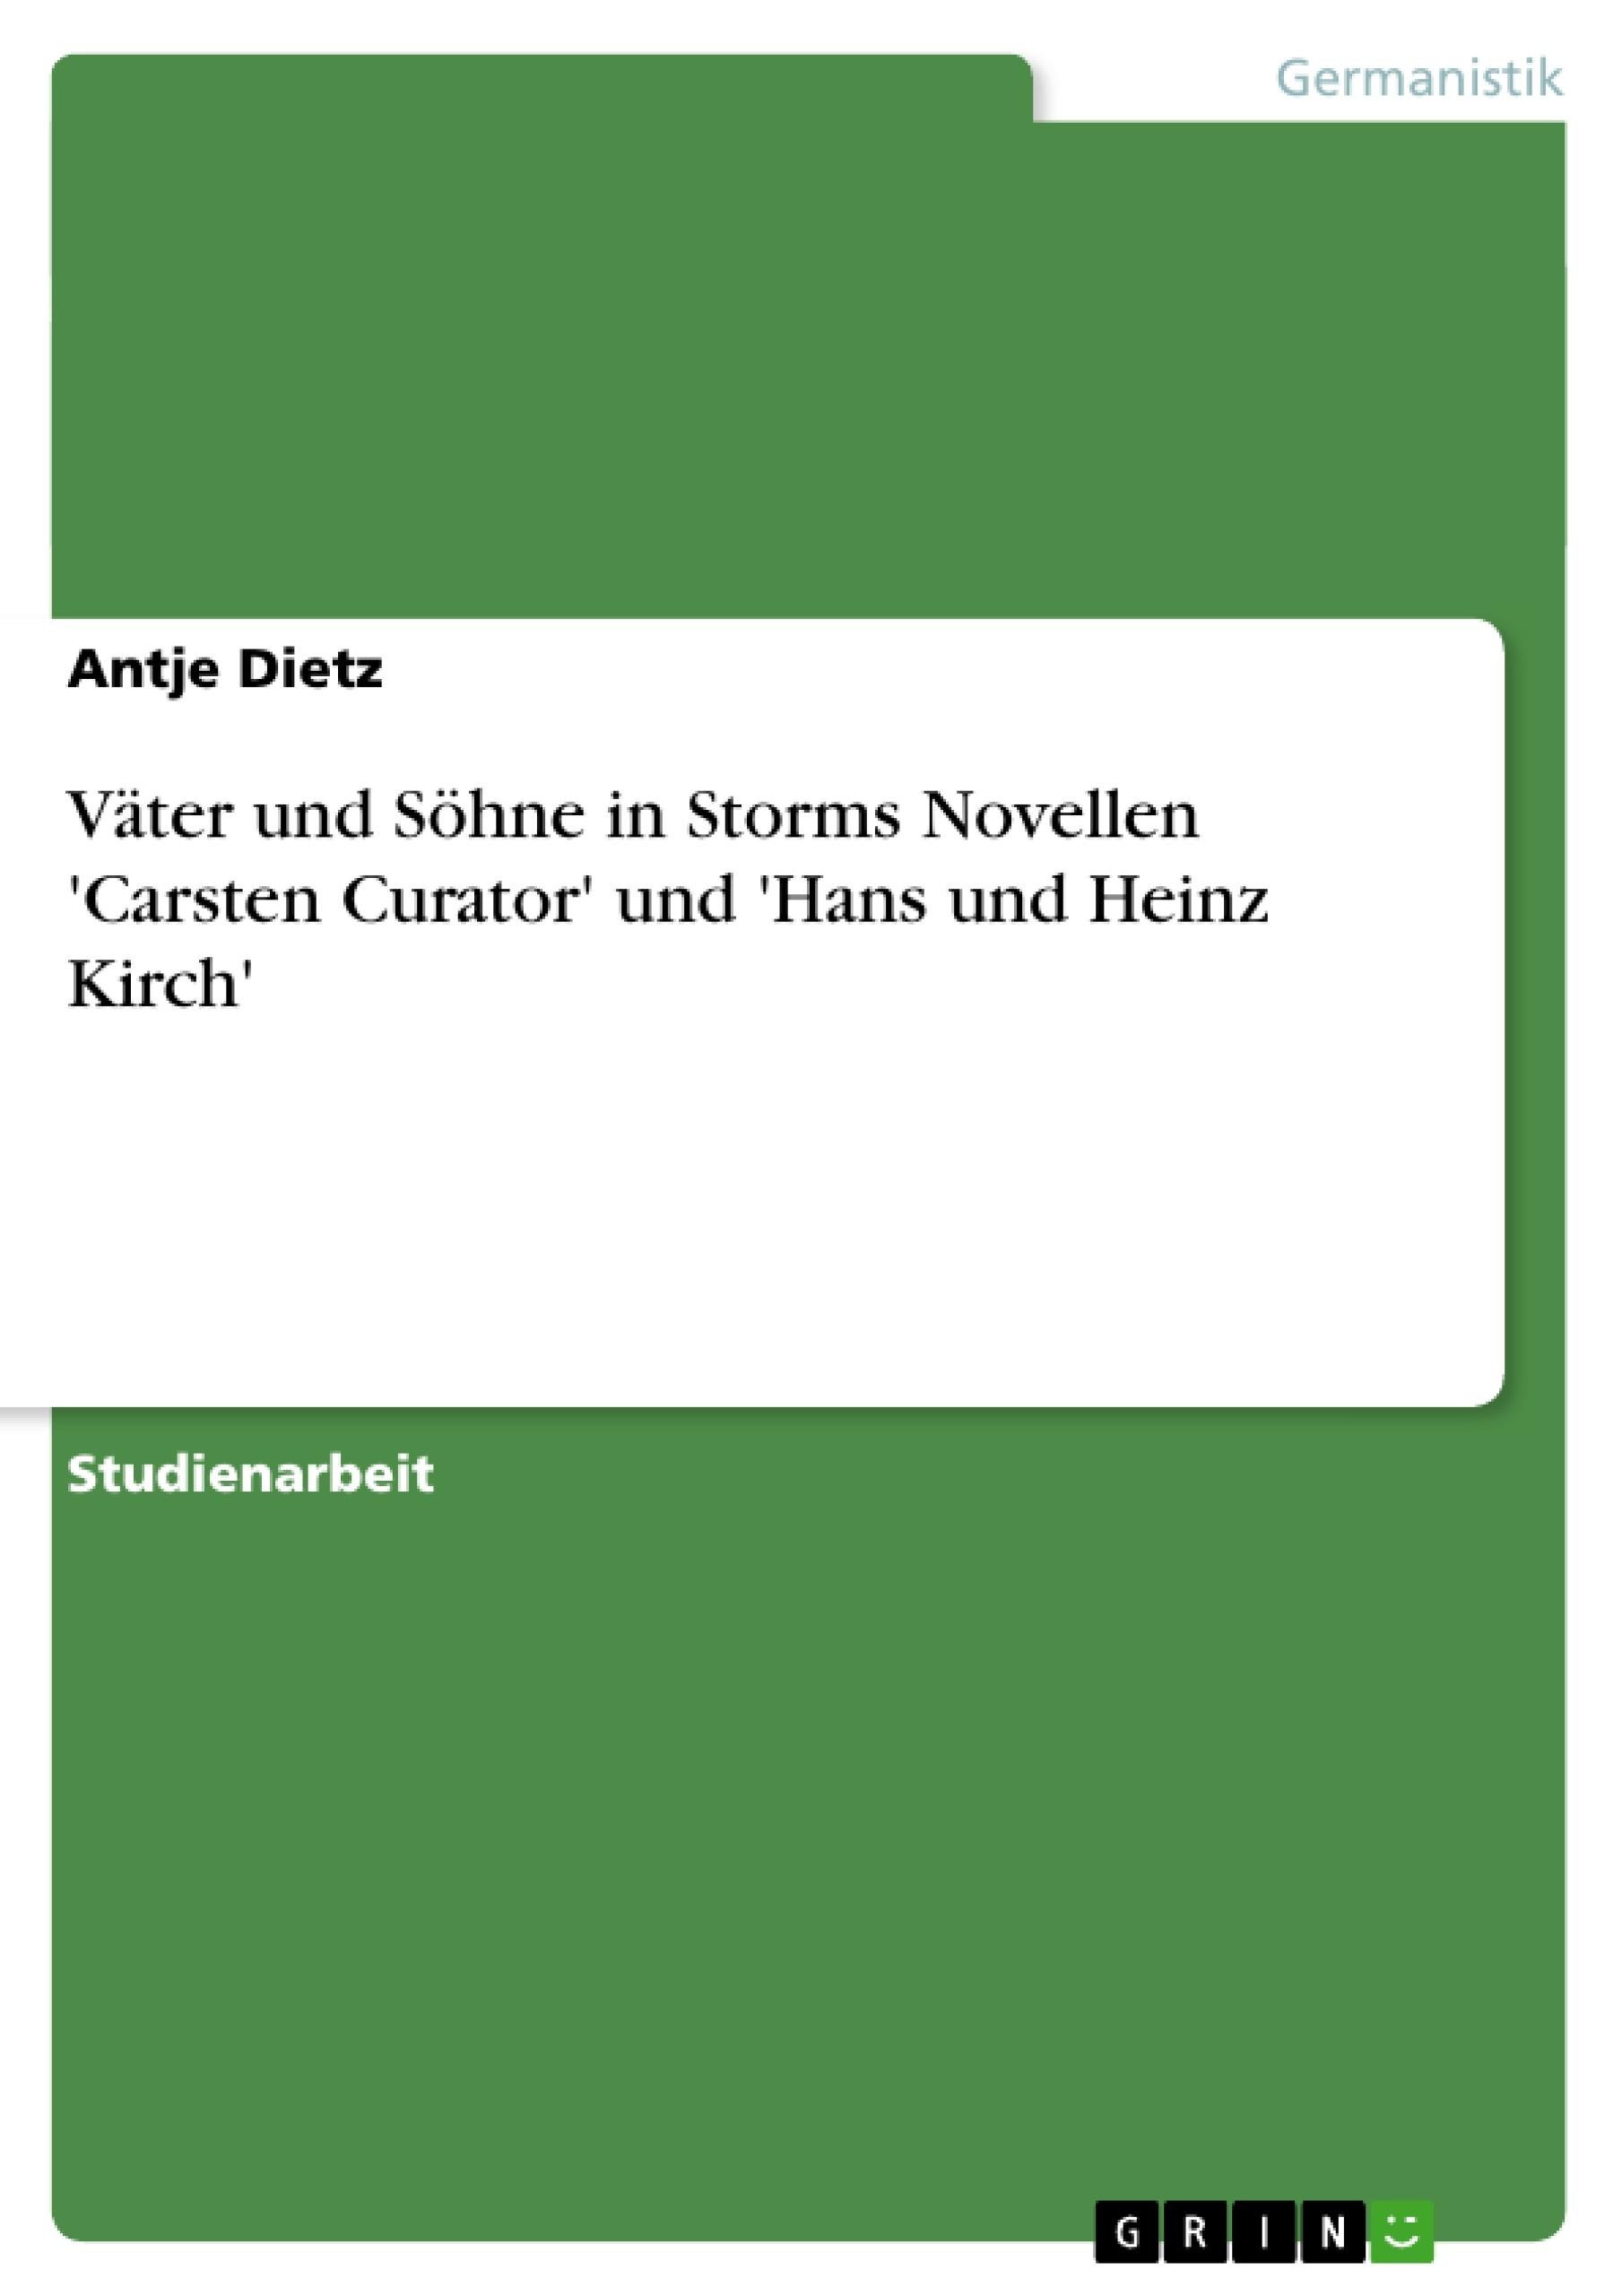 Titel: Väter und Söhne in Storms Novellen 'Carsten Curator' und 'Hans und Heinz Kirch'